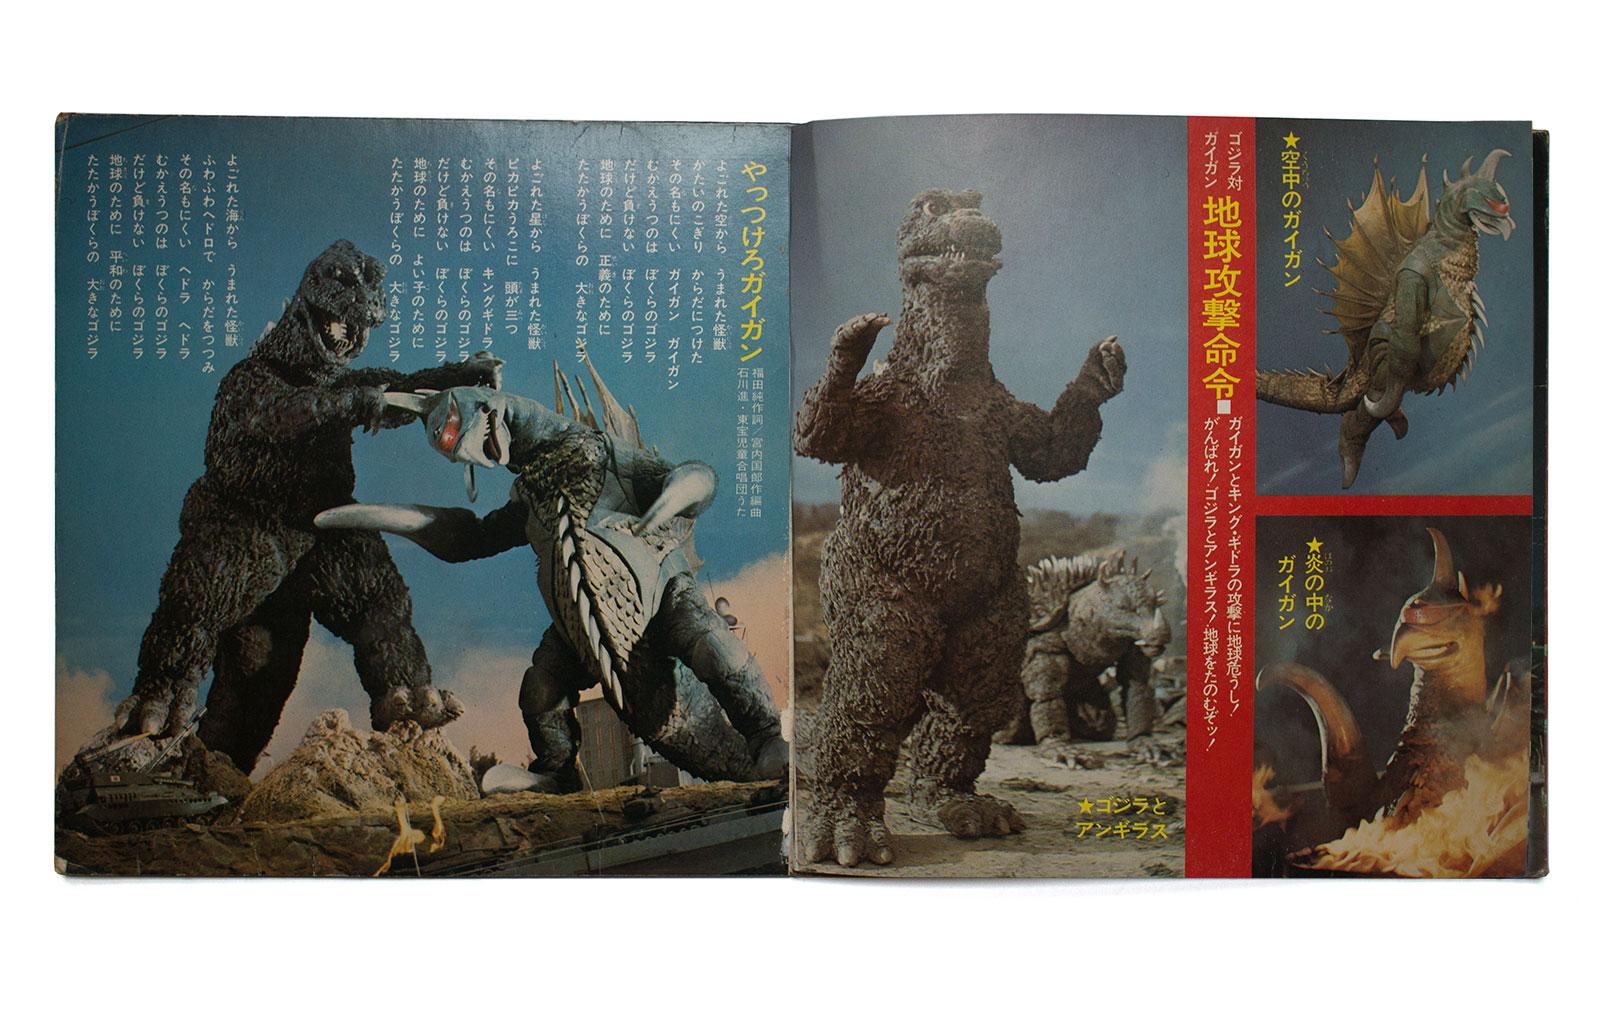 Toho Record Godzilla March pages 5-6